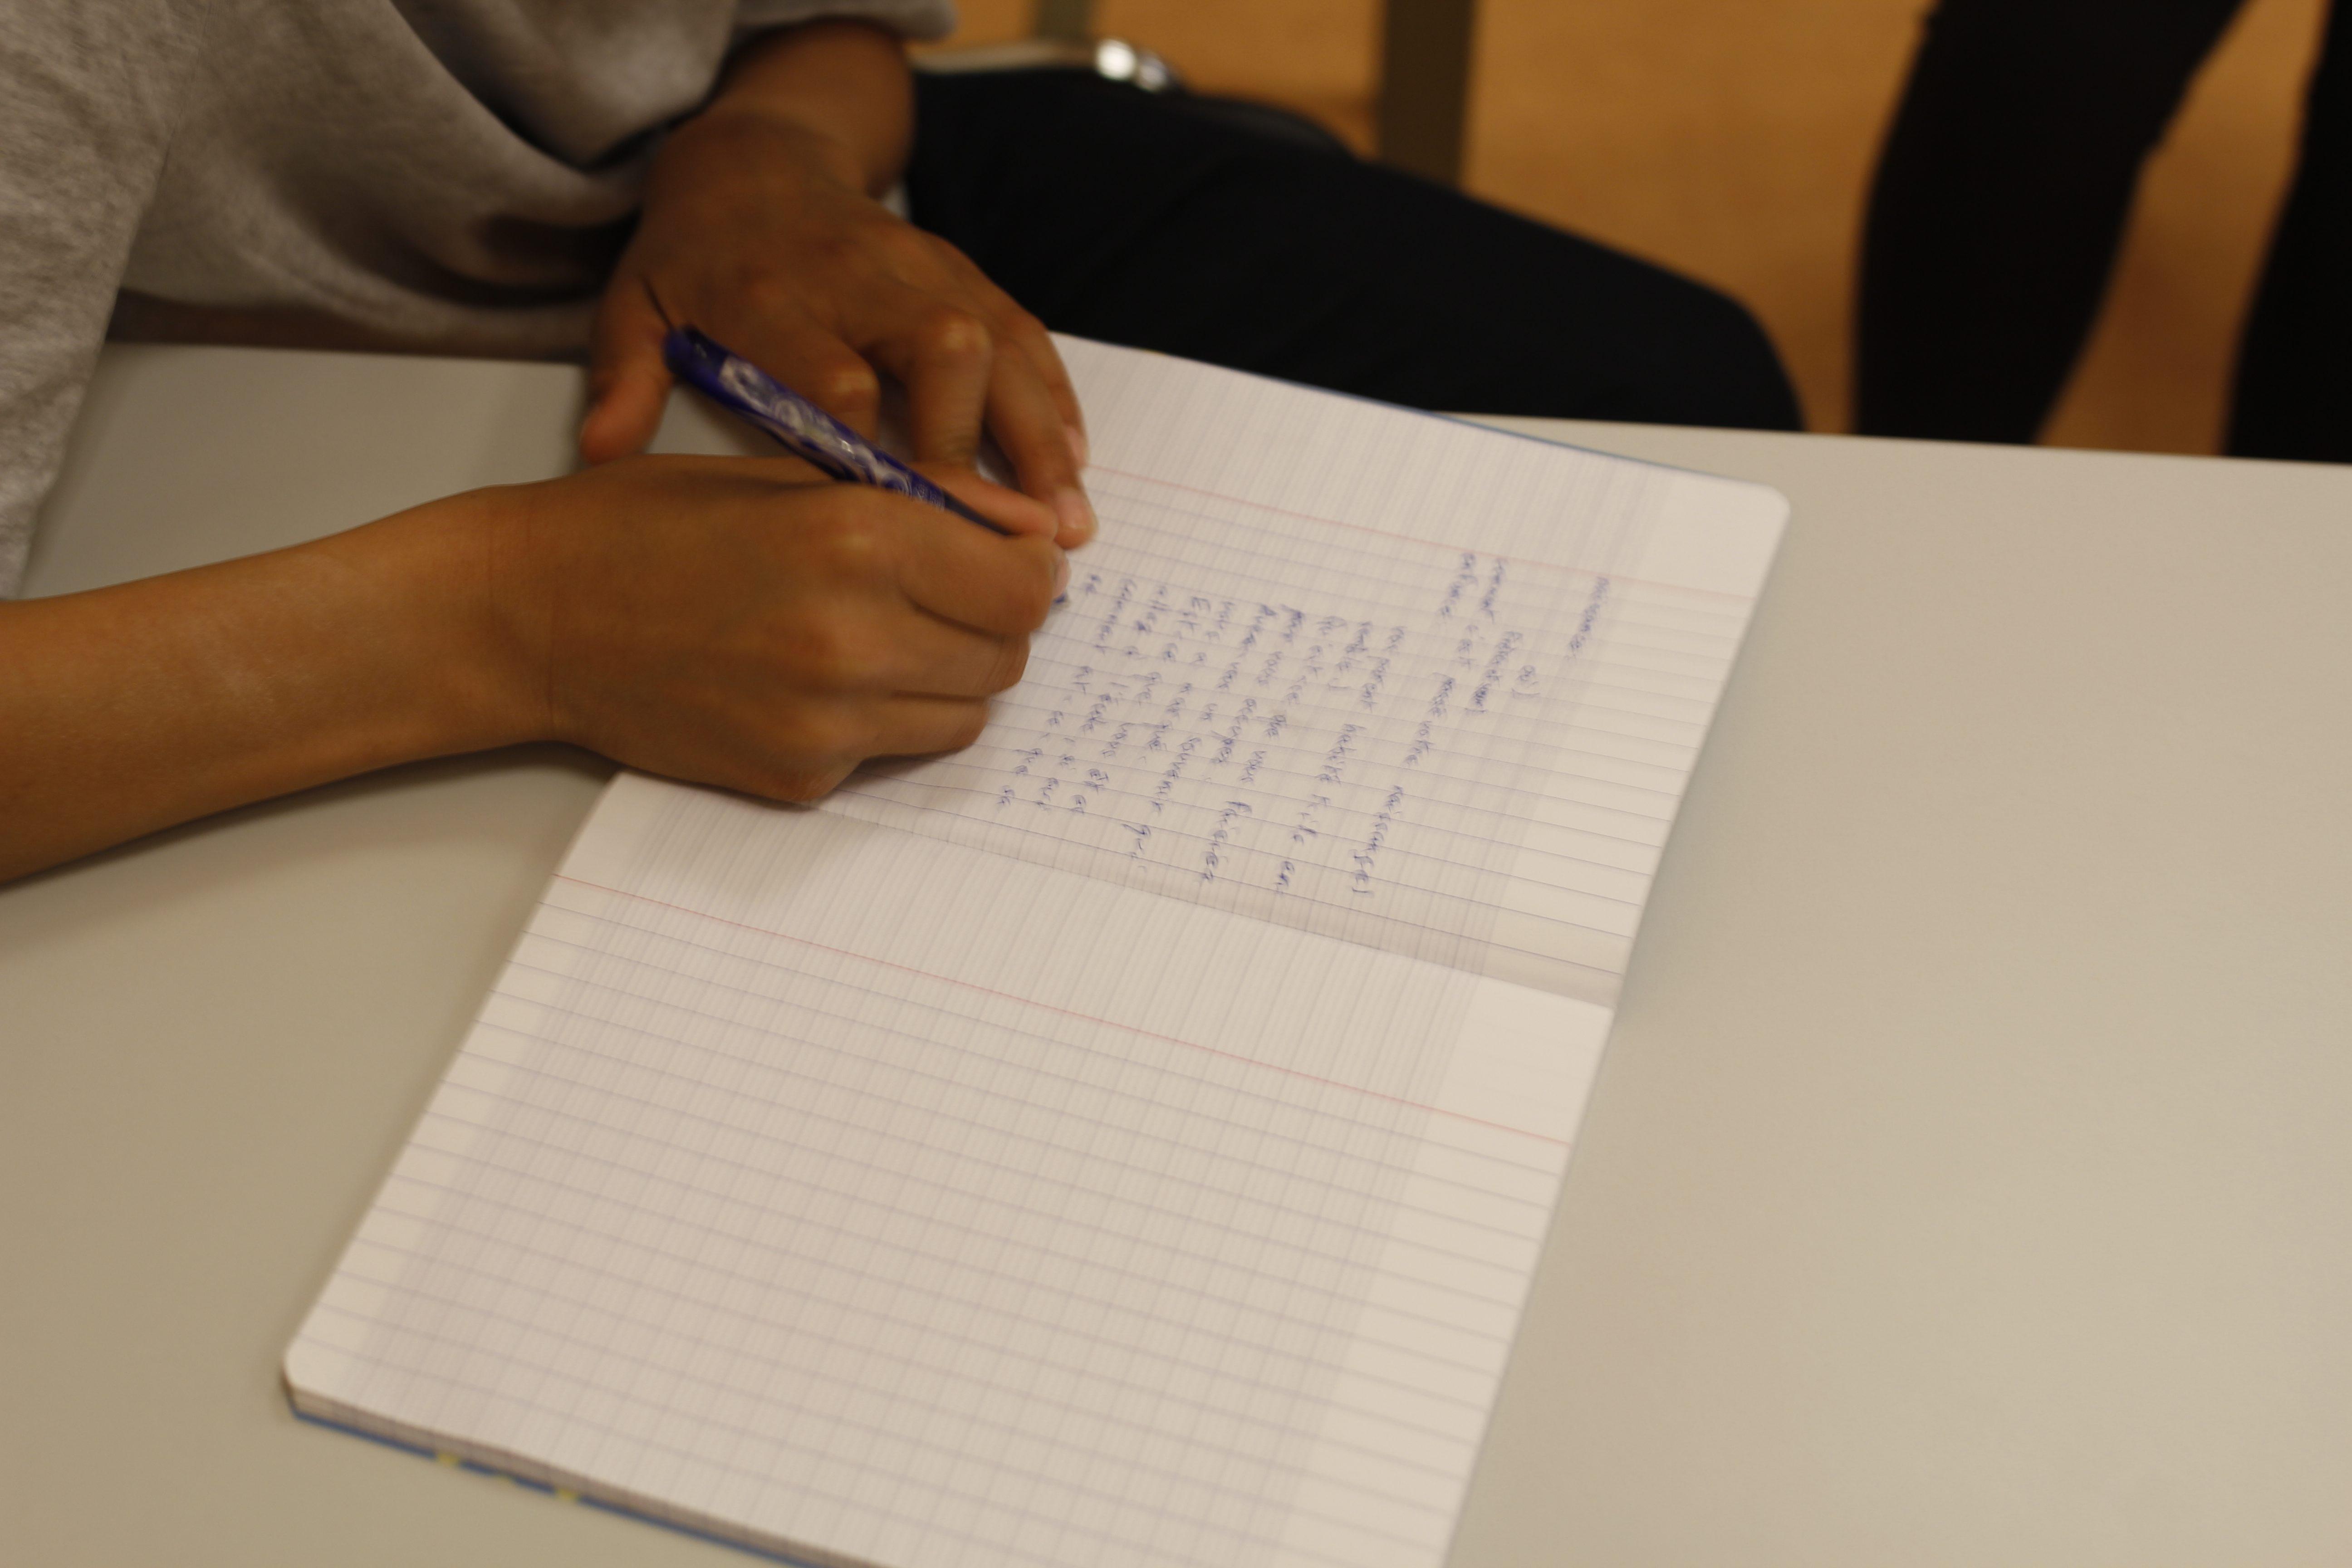 IMLA-5. LES ADOLESCENTS TIENNENT UN CARNET DE BORD DURANT TOUTE L'ACTION. POUR INTERNET